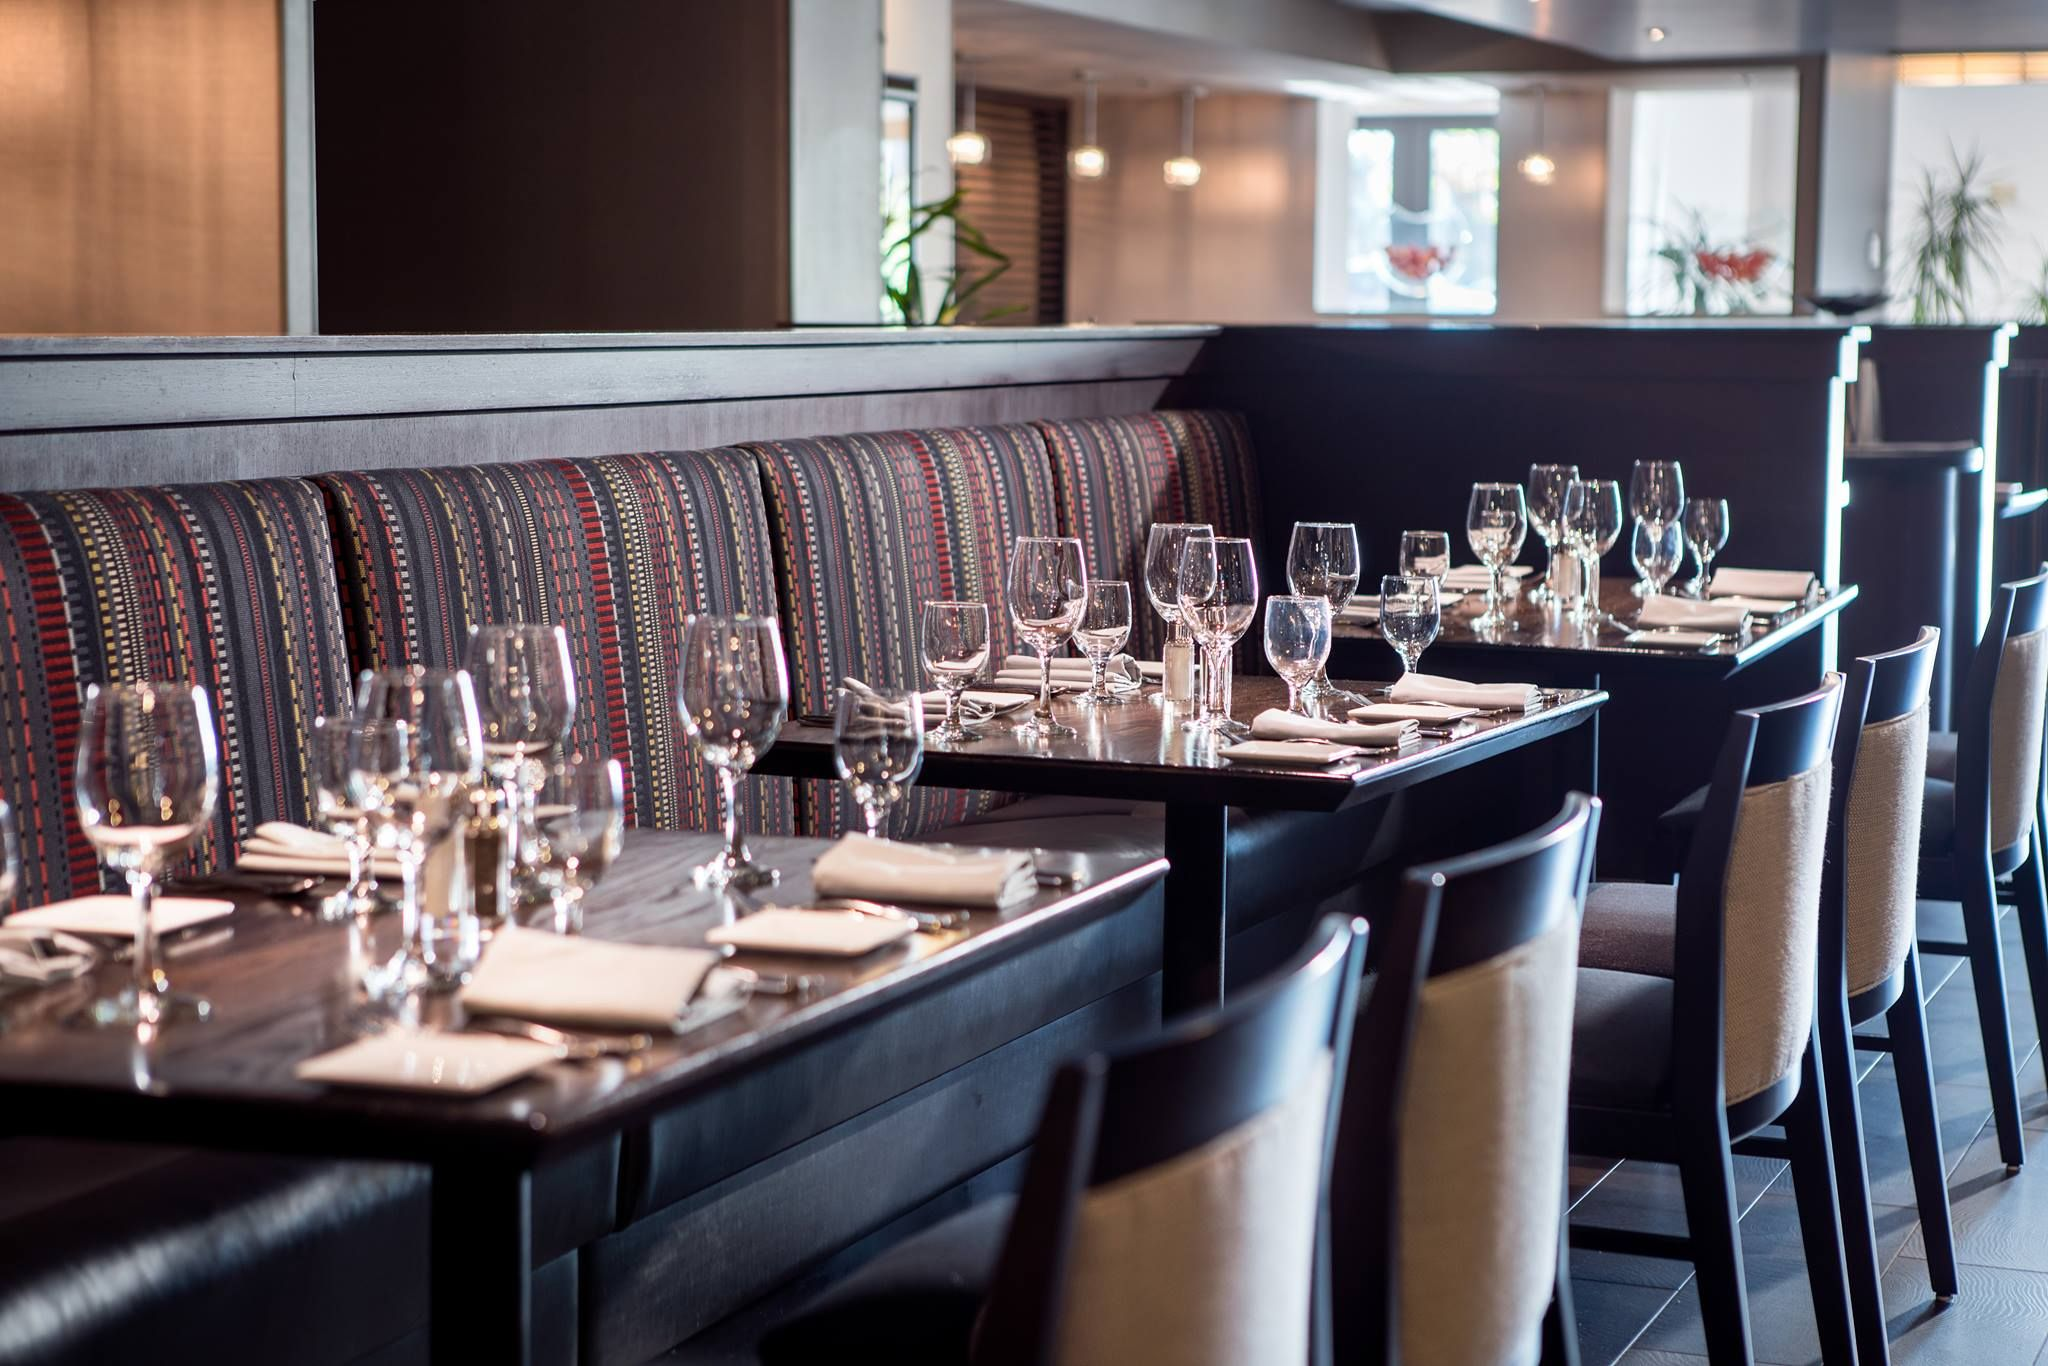 brand new zink kitchen bar kitchen bar home decor kitchen on zink outdoor kitchen id=84365